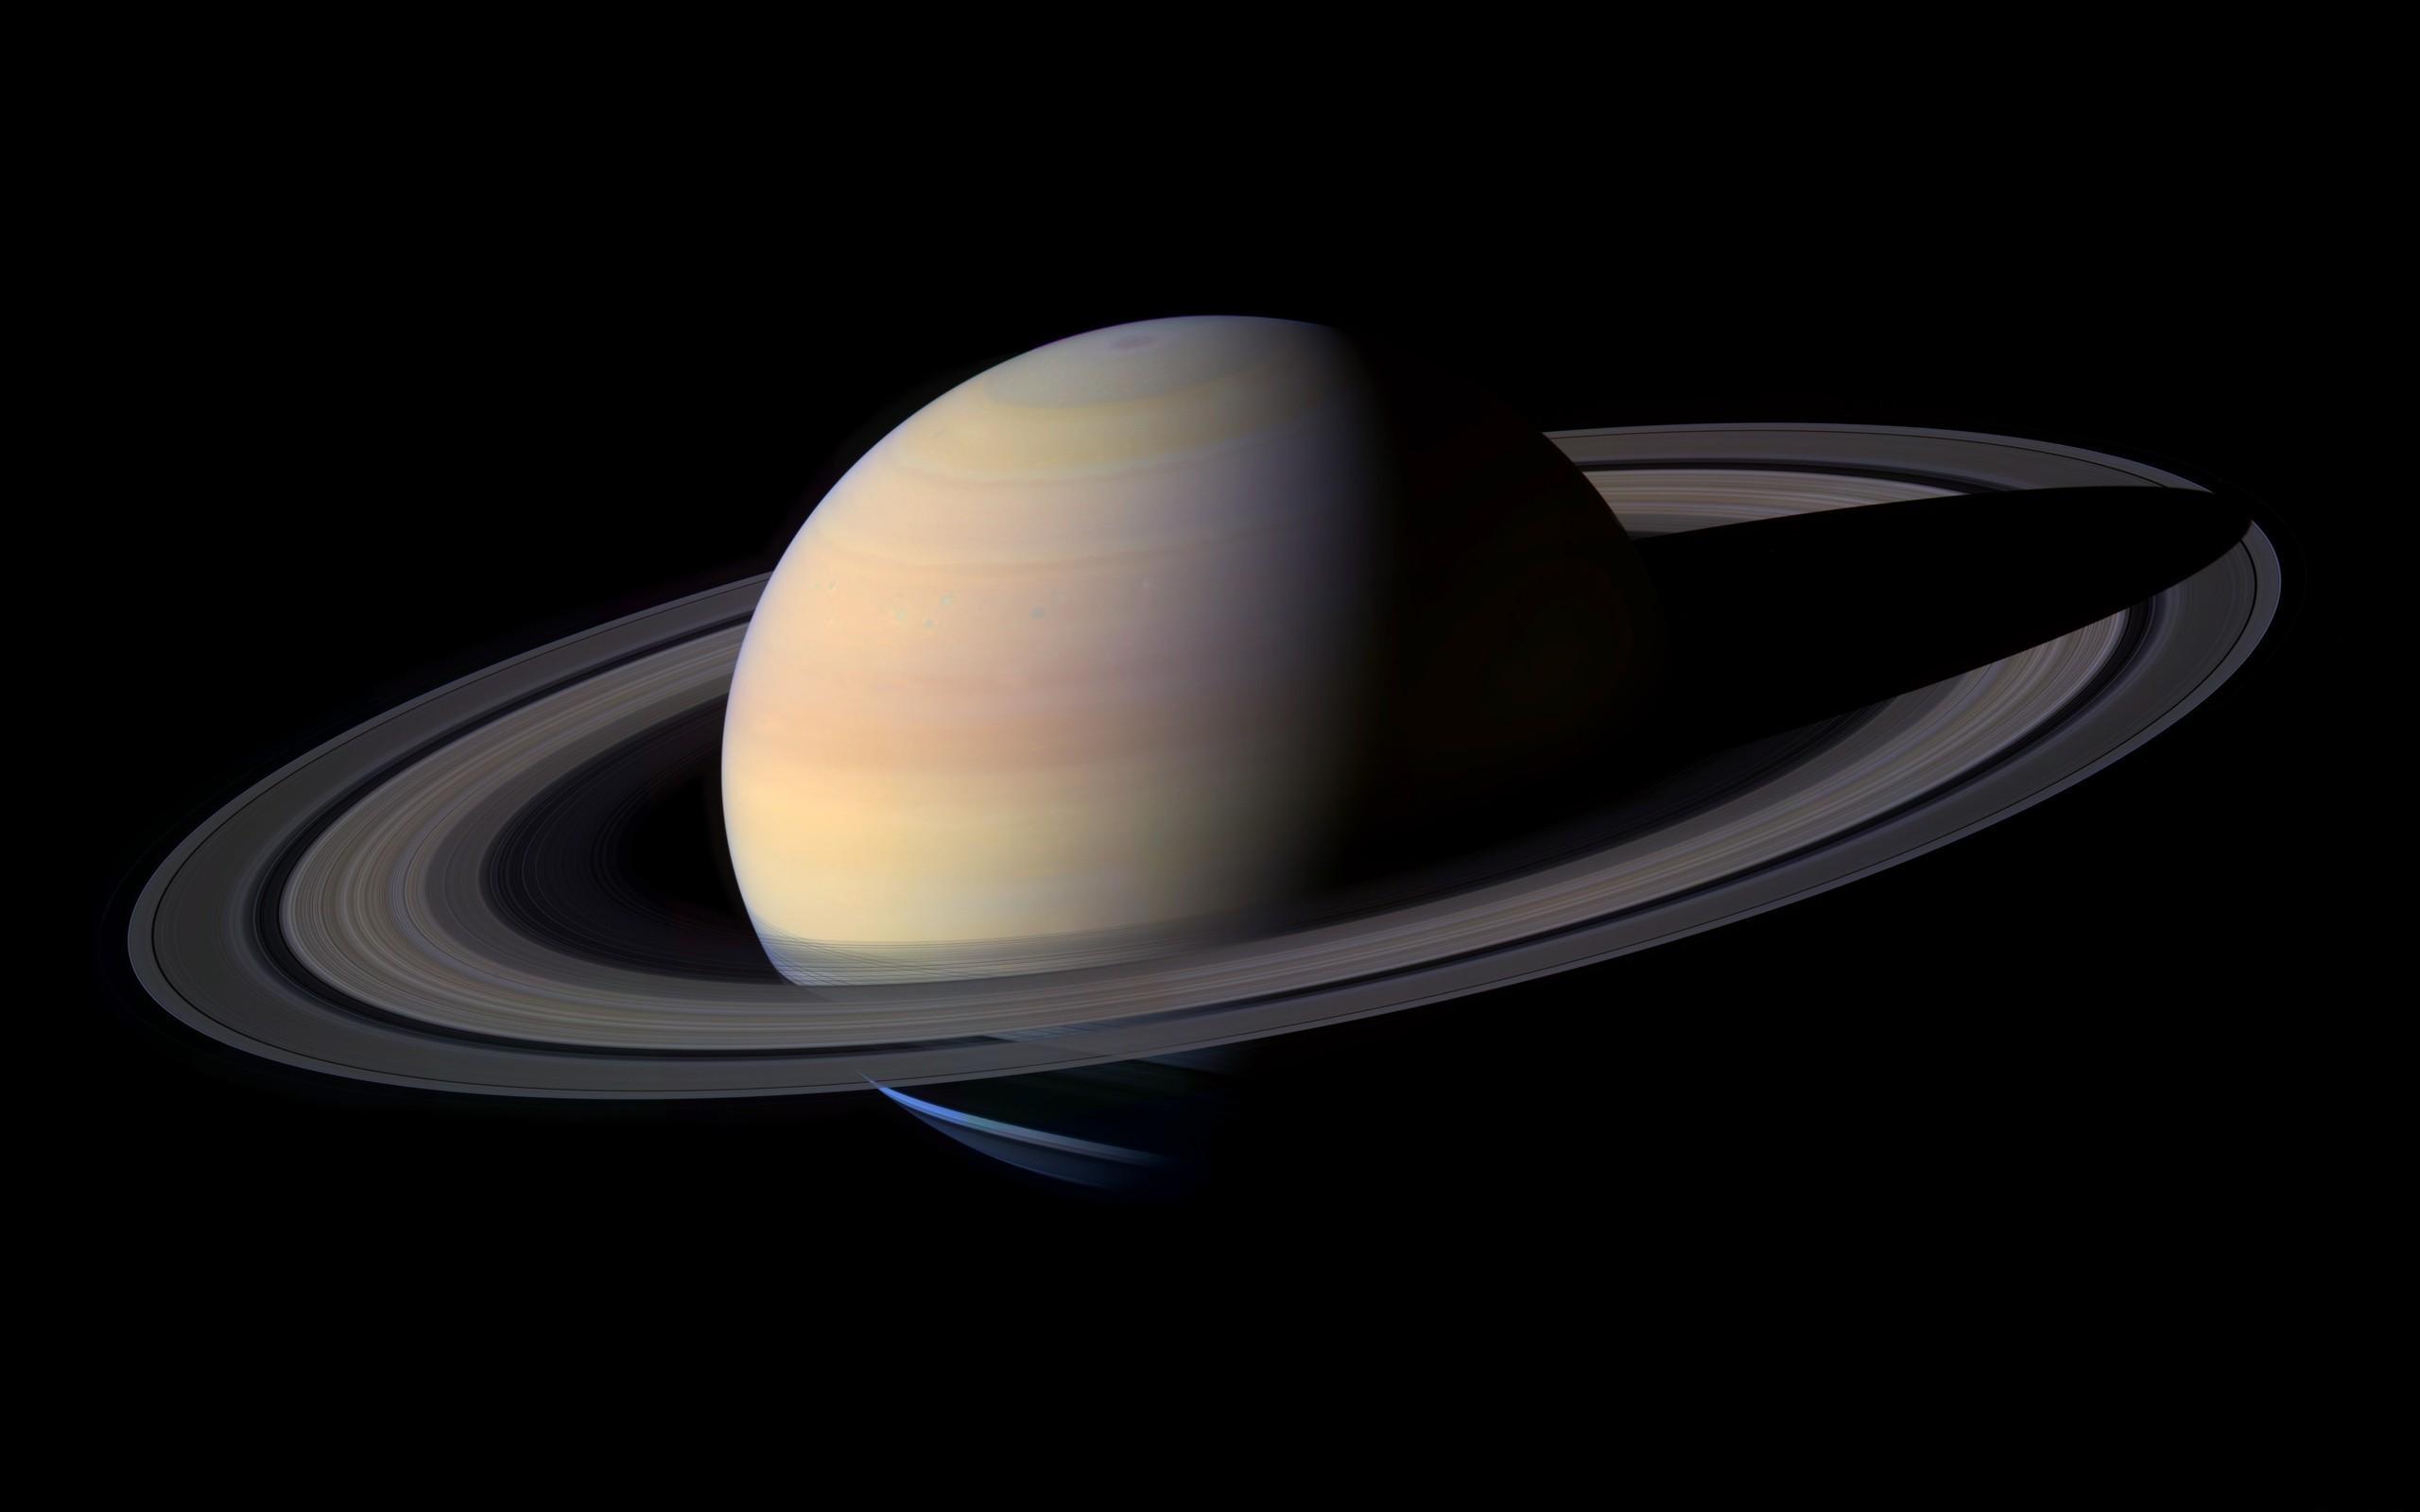 sfondi pianeta sfera cerchio atmosfera saturno